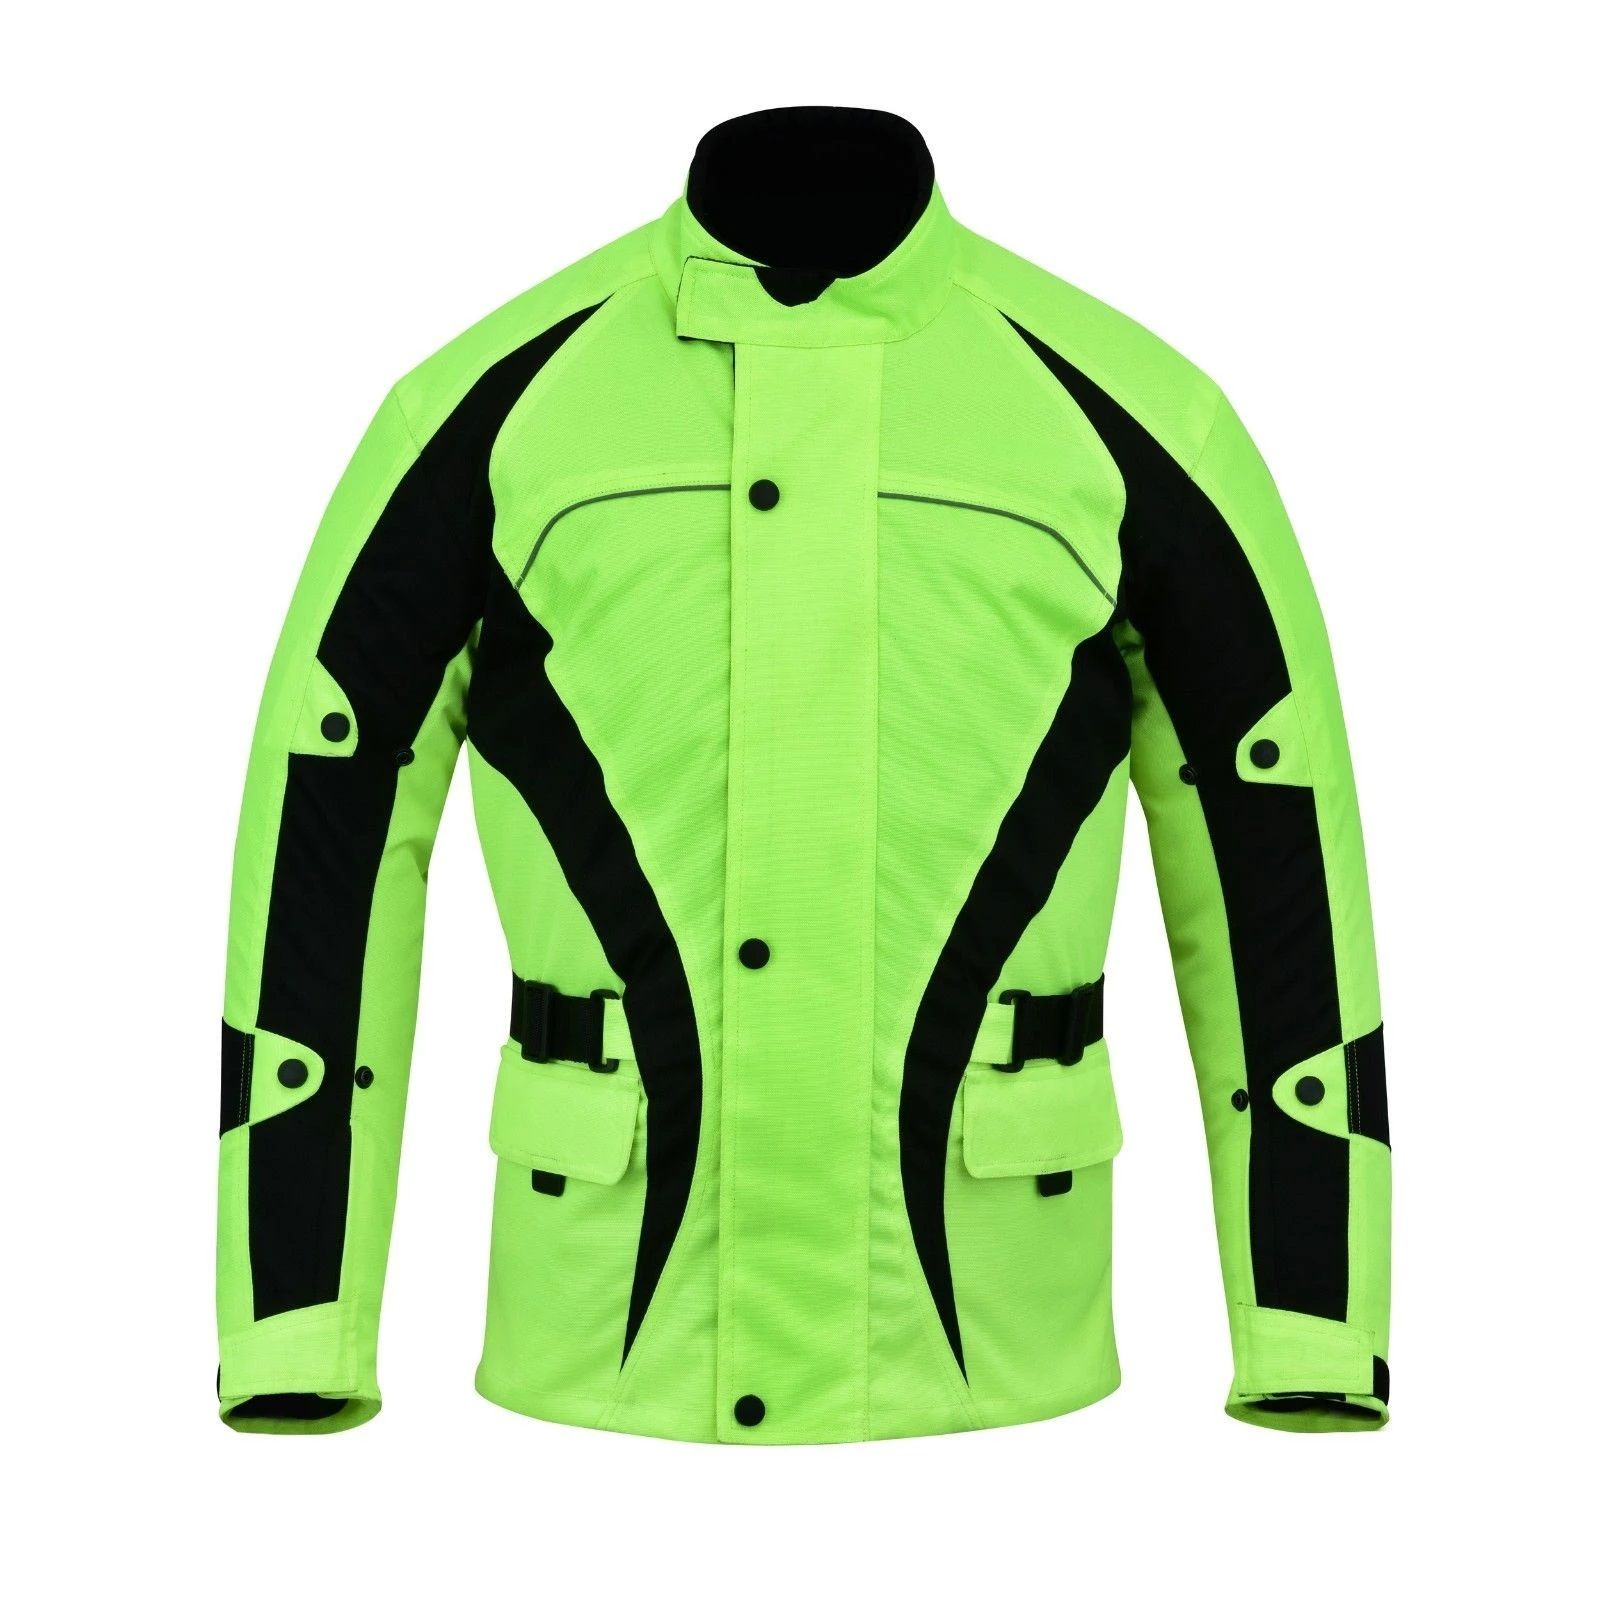 TheWhiteWater HIVIS Lemon Color Motorcycle Waterproof